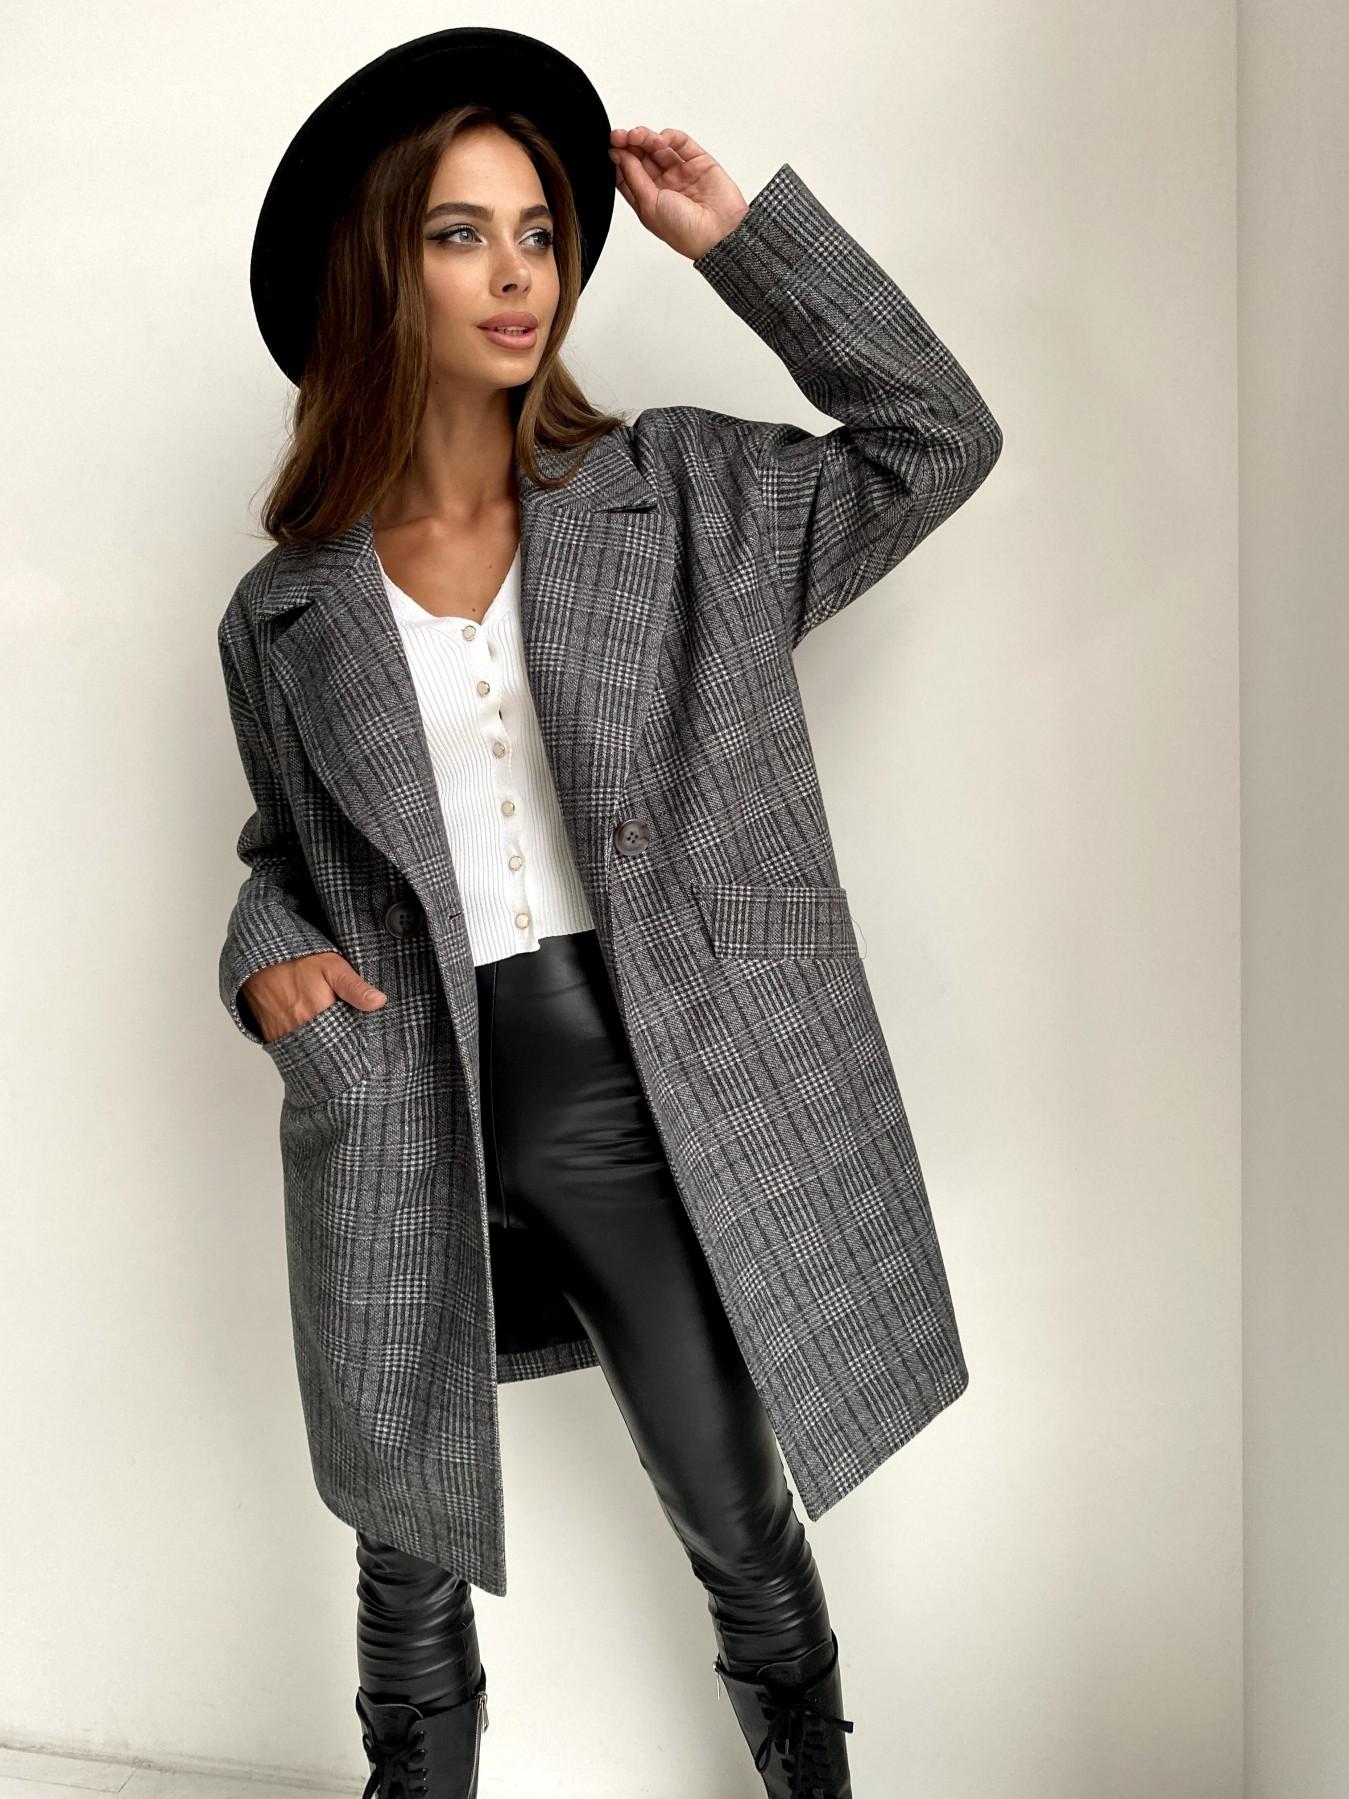 Сенсей пальто в клетку из тонкого кашемира 11754 АРТ. 48496 Цвет: Черный/СвСерый/КлетКом - фото 2, интернет магазин tm-modus.ru